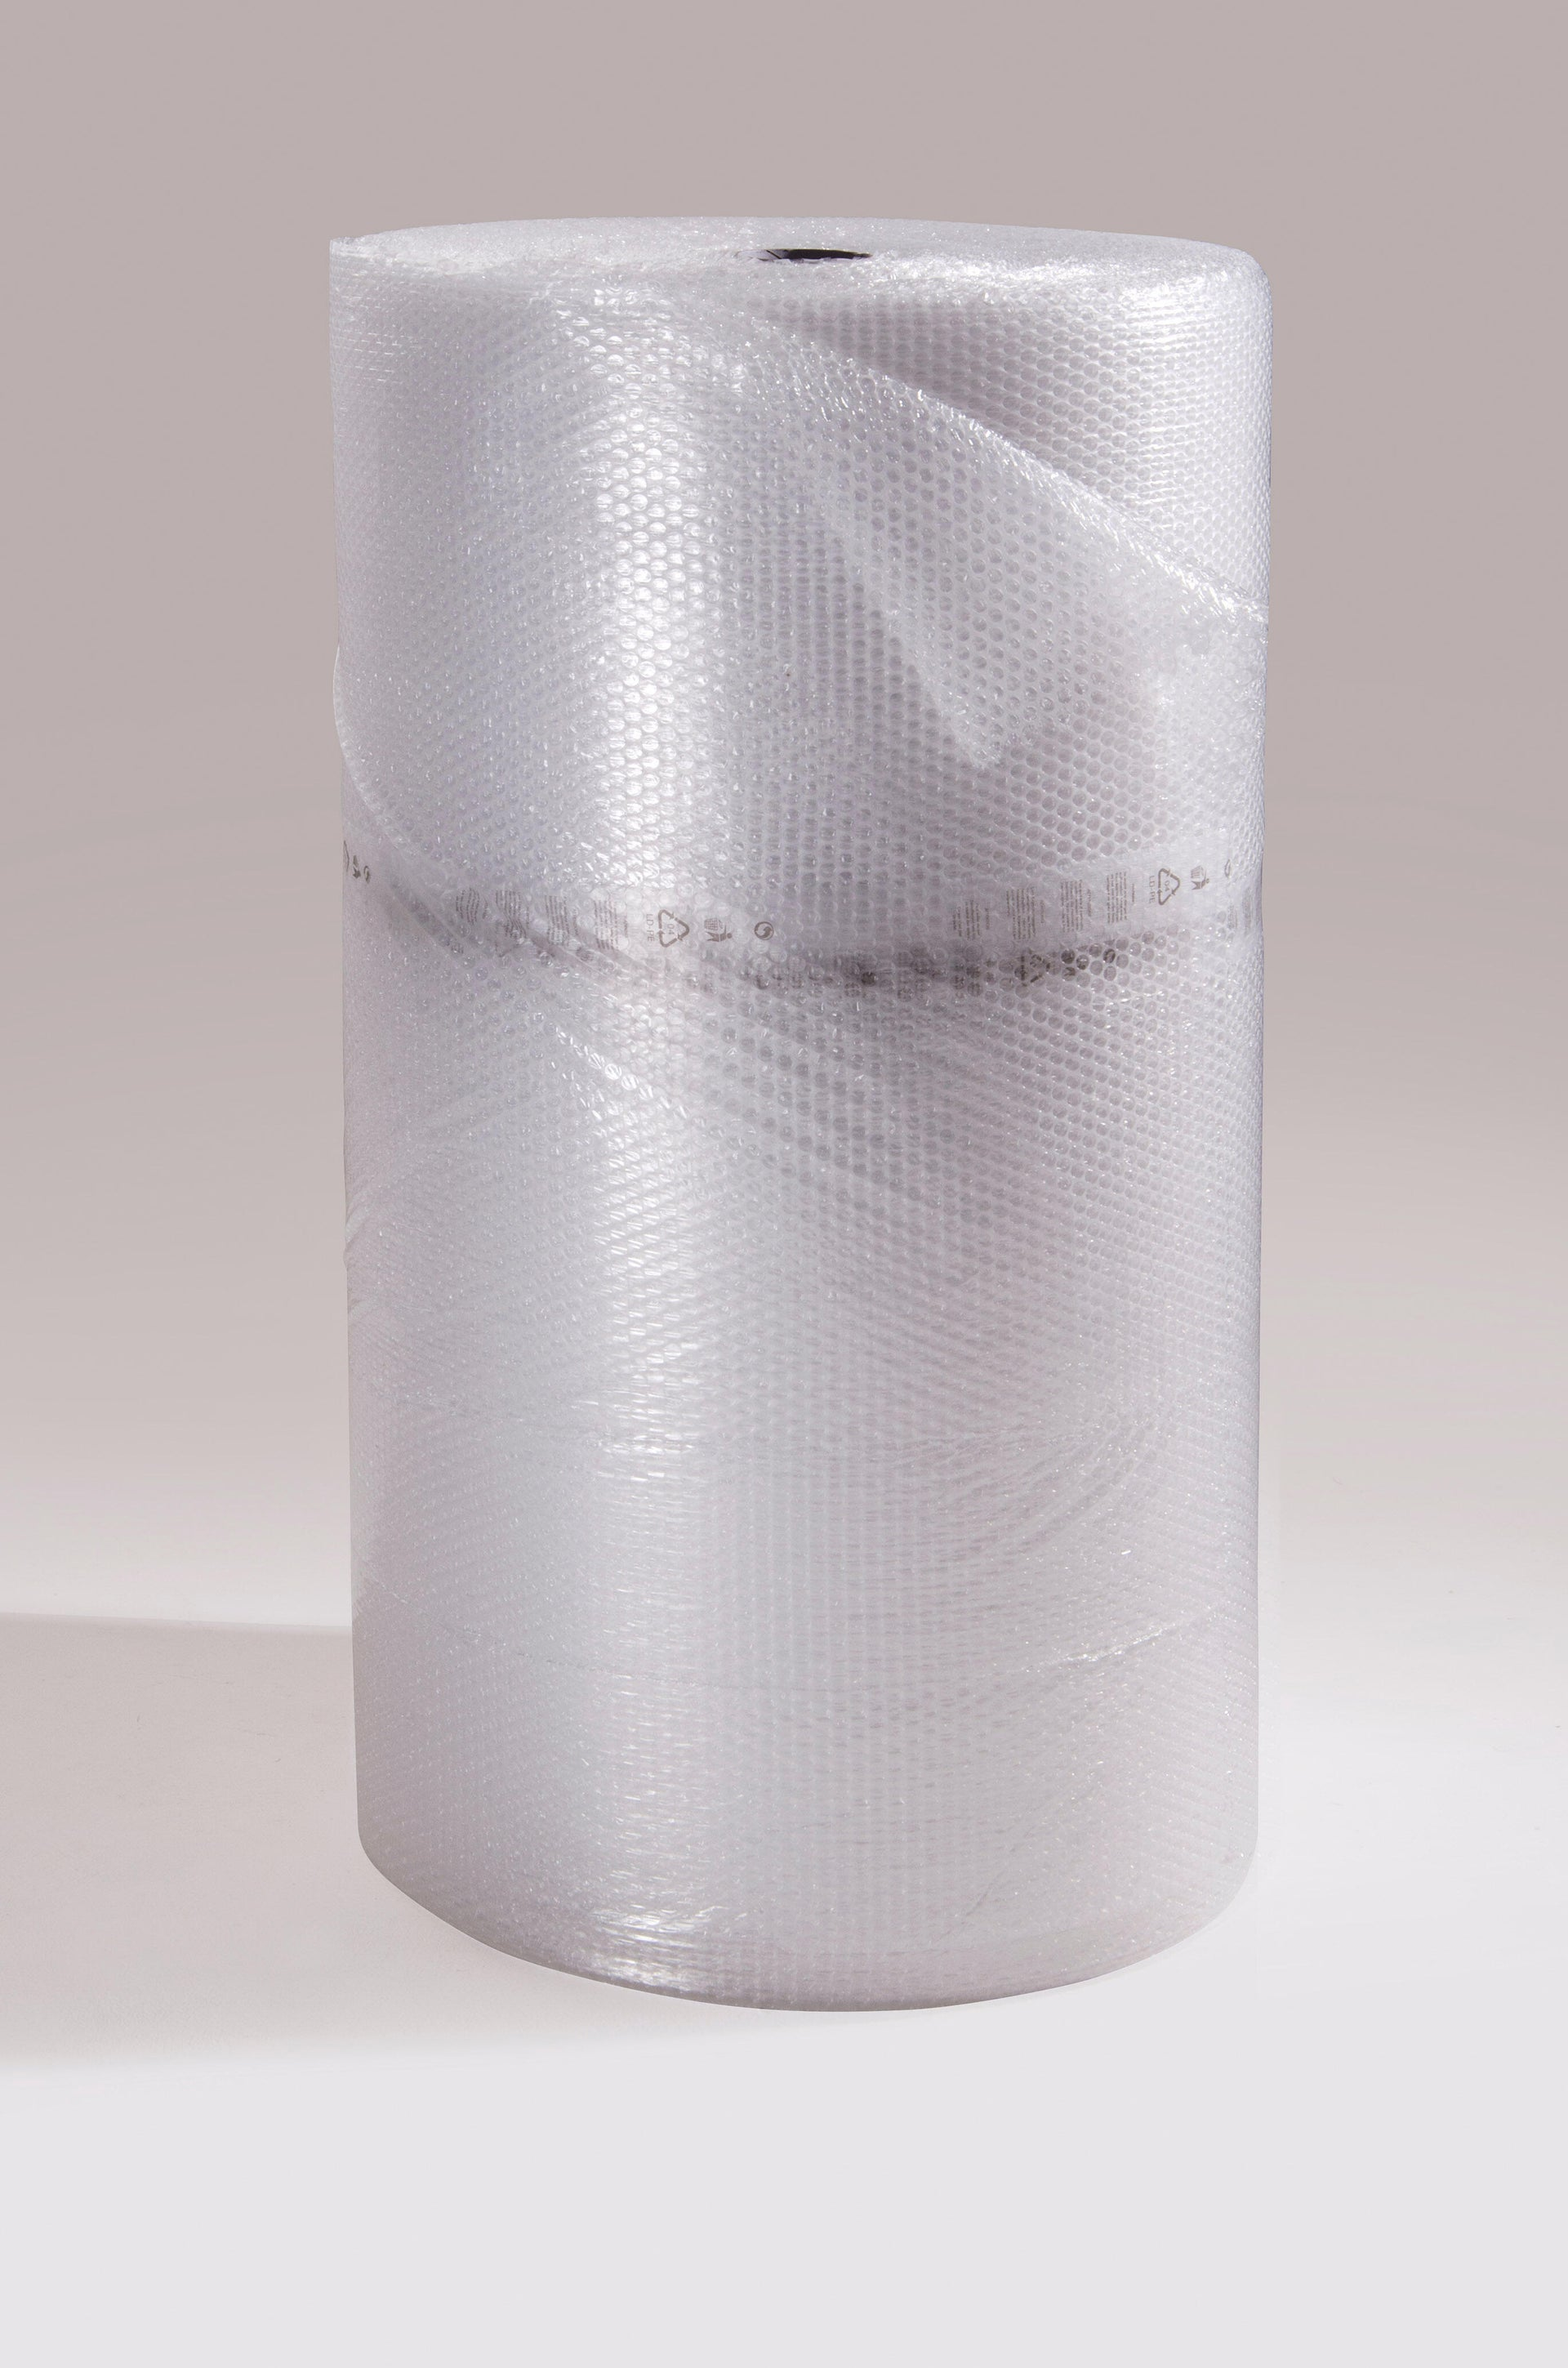 Pellicola protettiva in polietilene L 1 m x H 100 cm 5 g/m² - 2